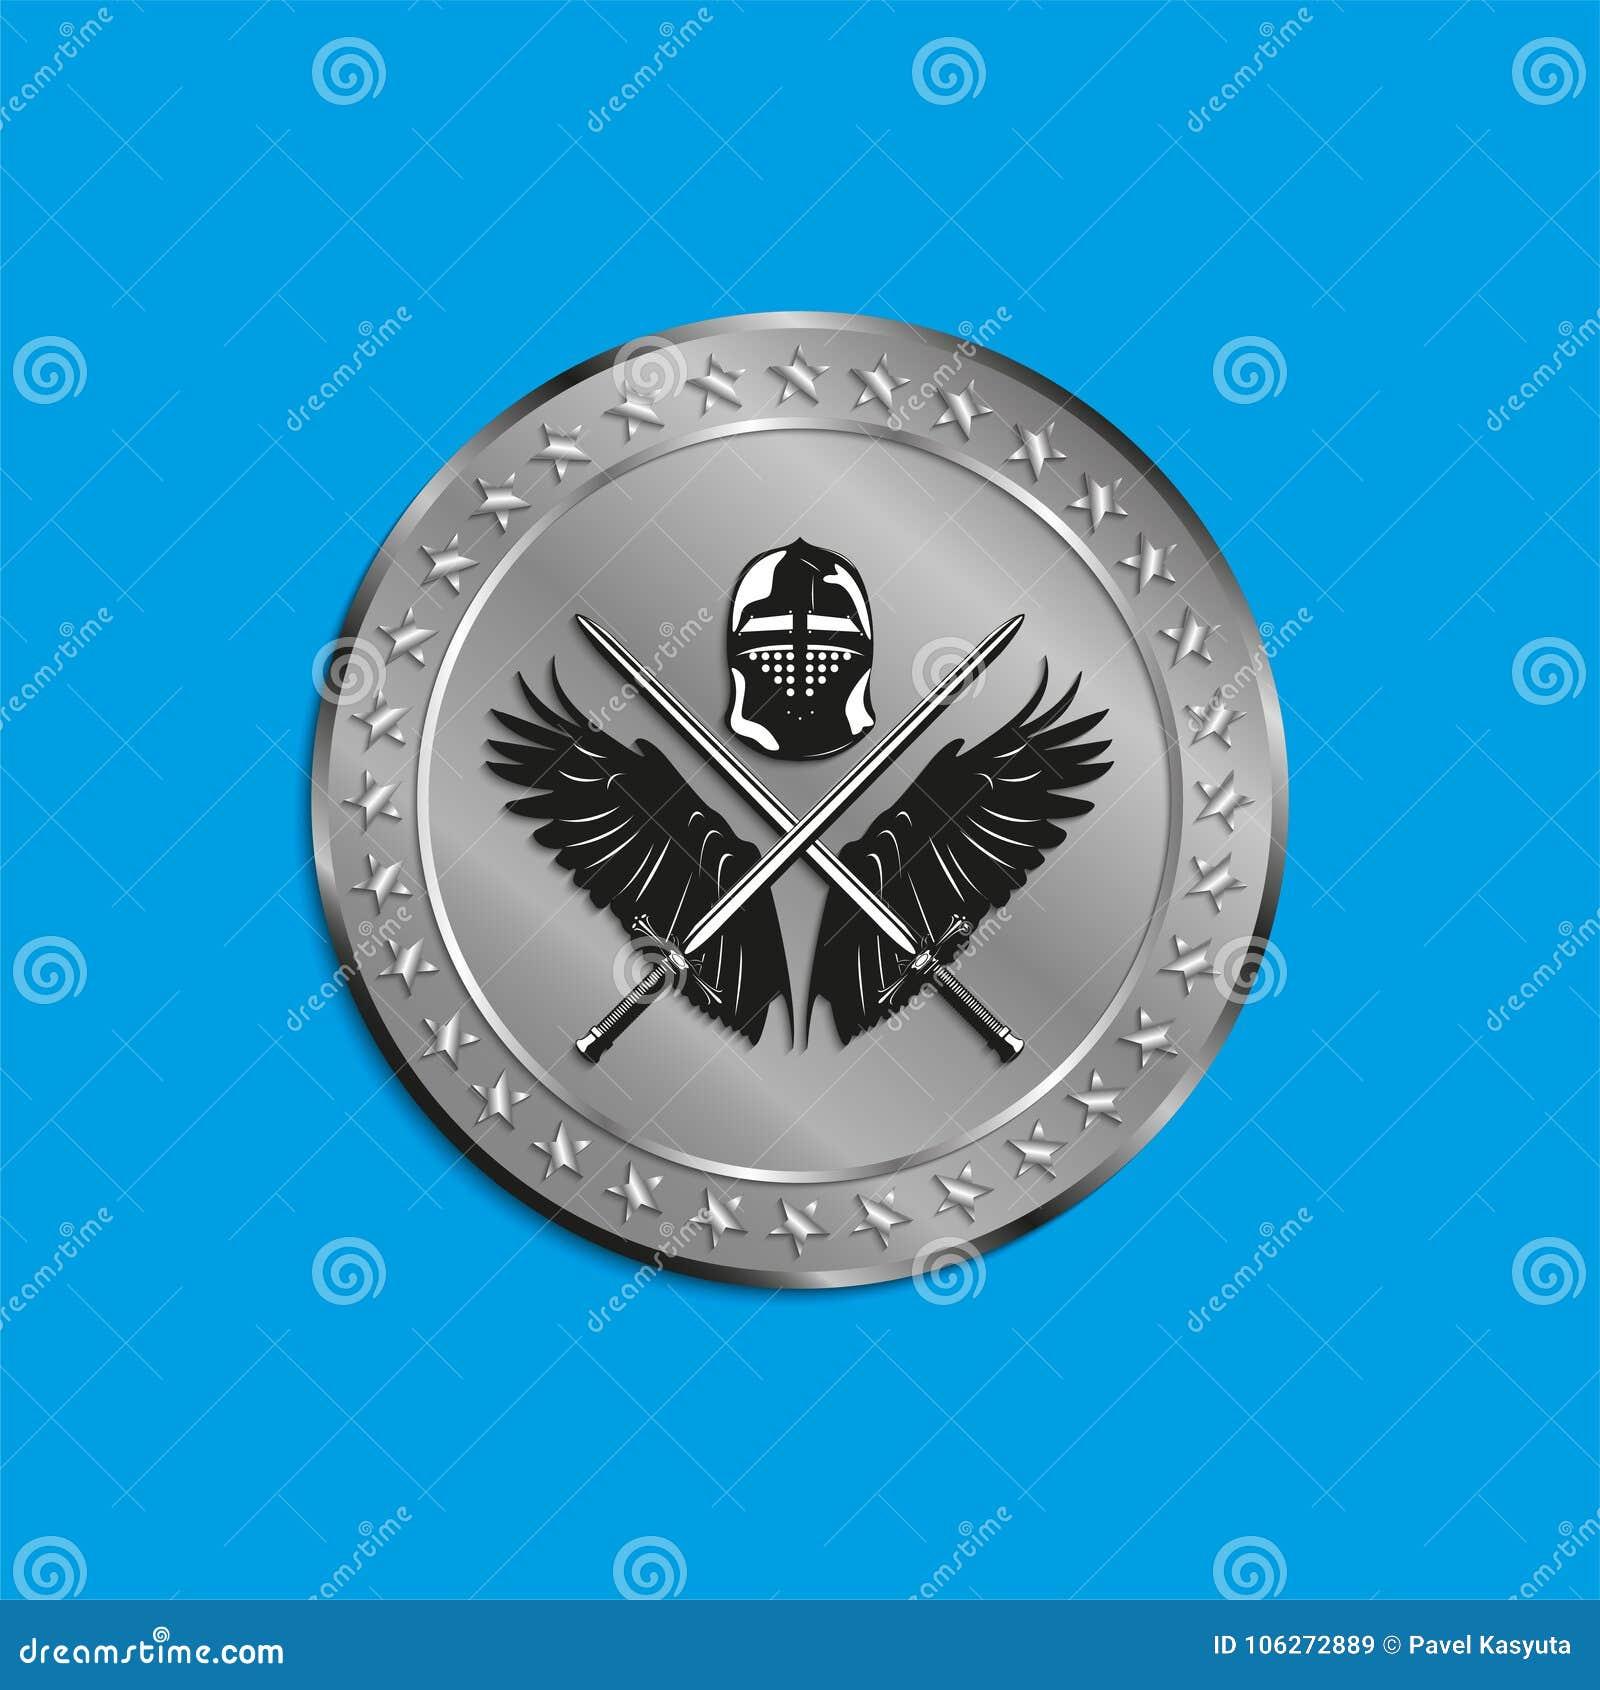 Het beeld van medailles met vleugels van een vogel, twee kruiste zwaarden en slaghelm Vector illustratie